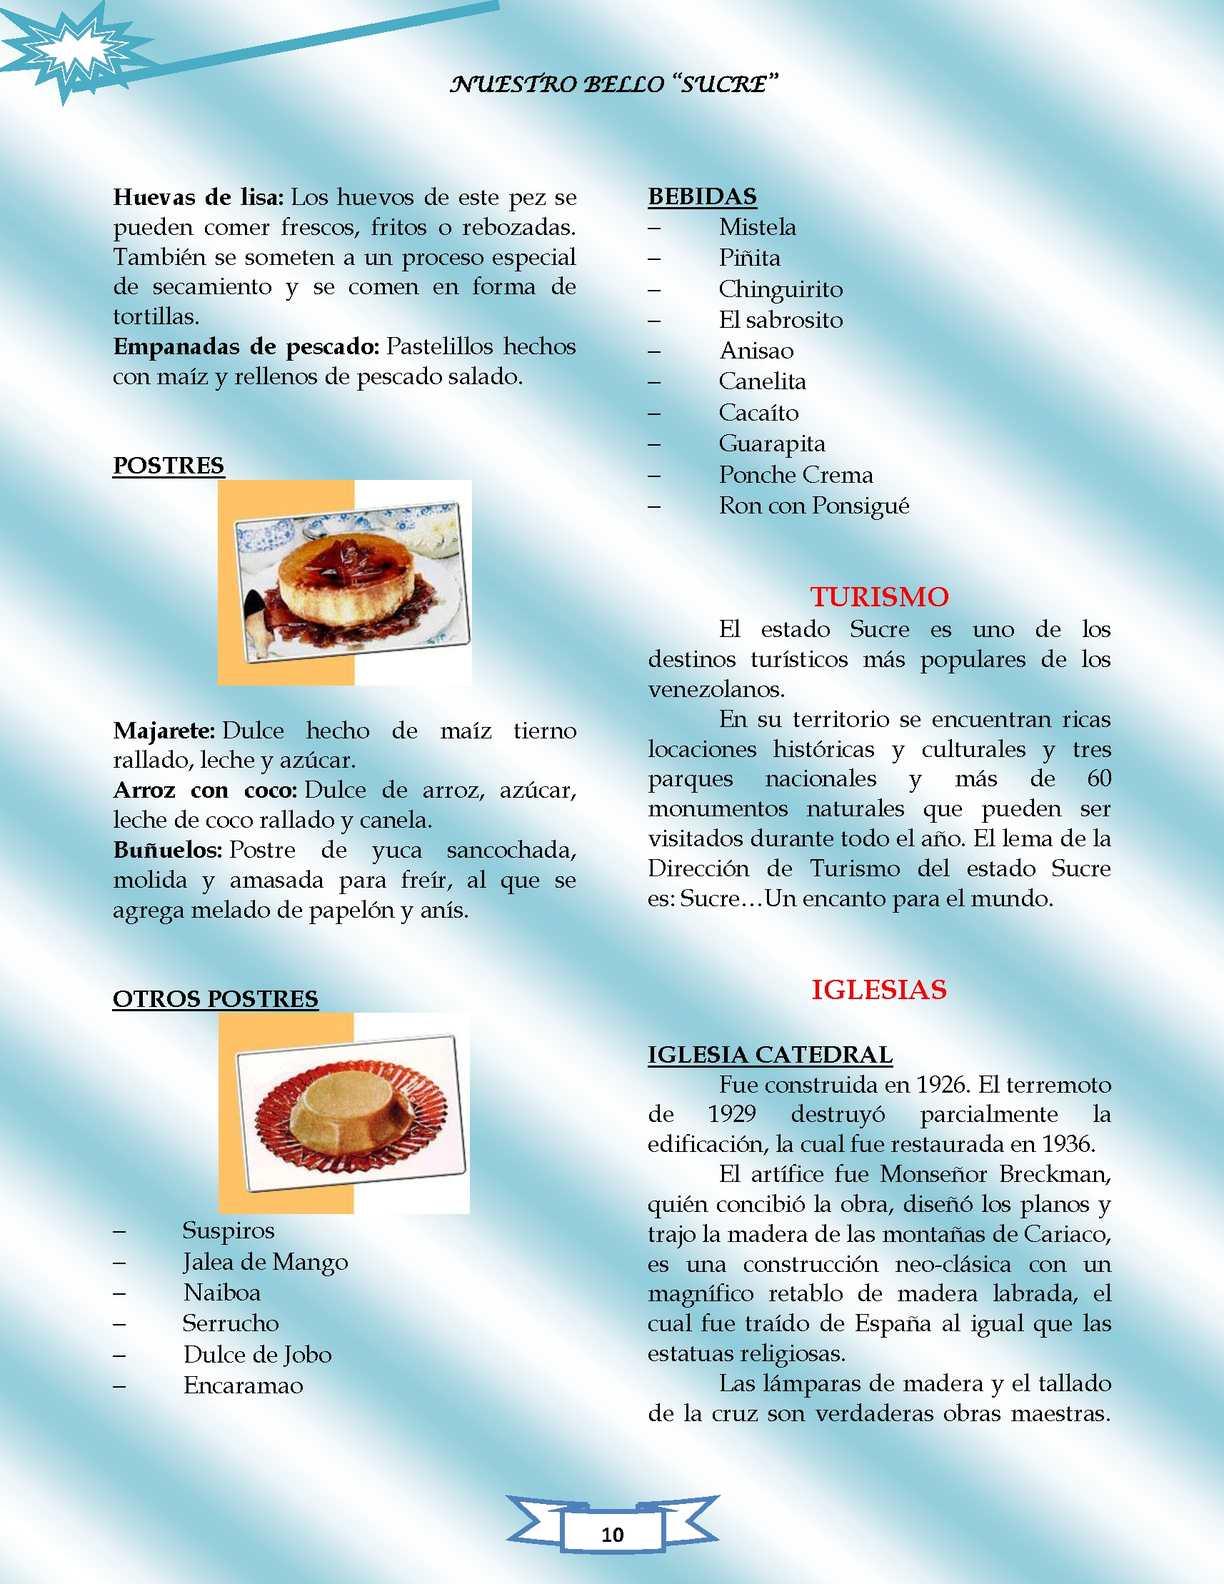 buñuelos de yuca venezolanos